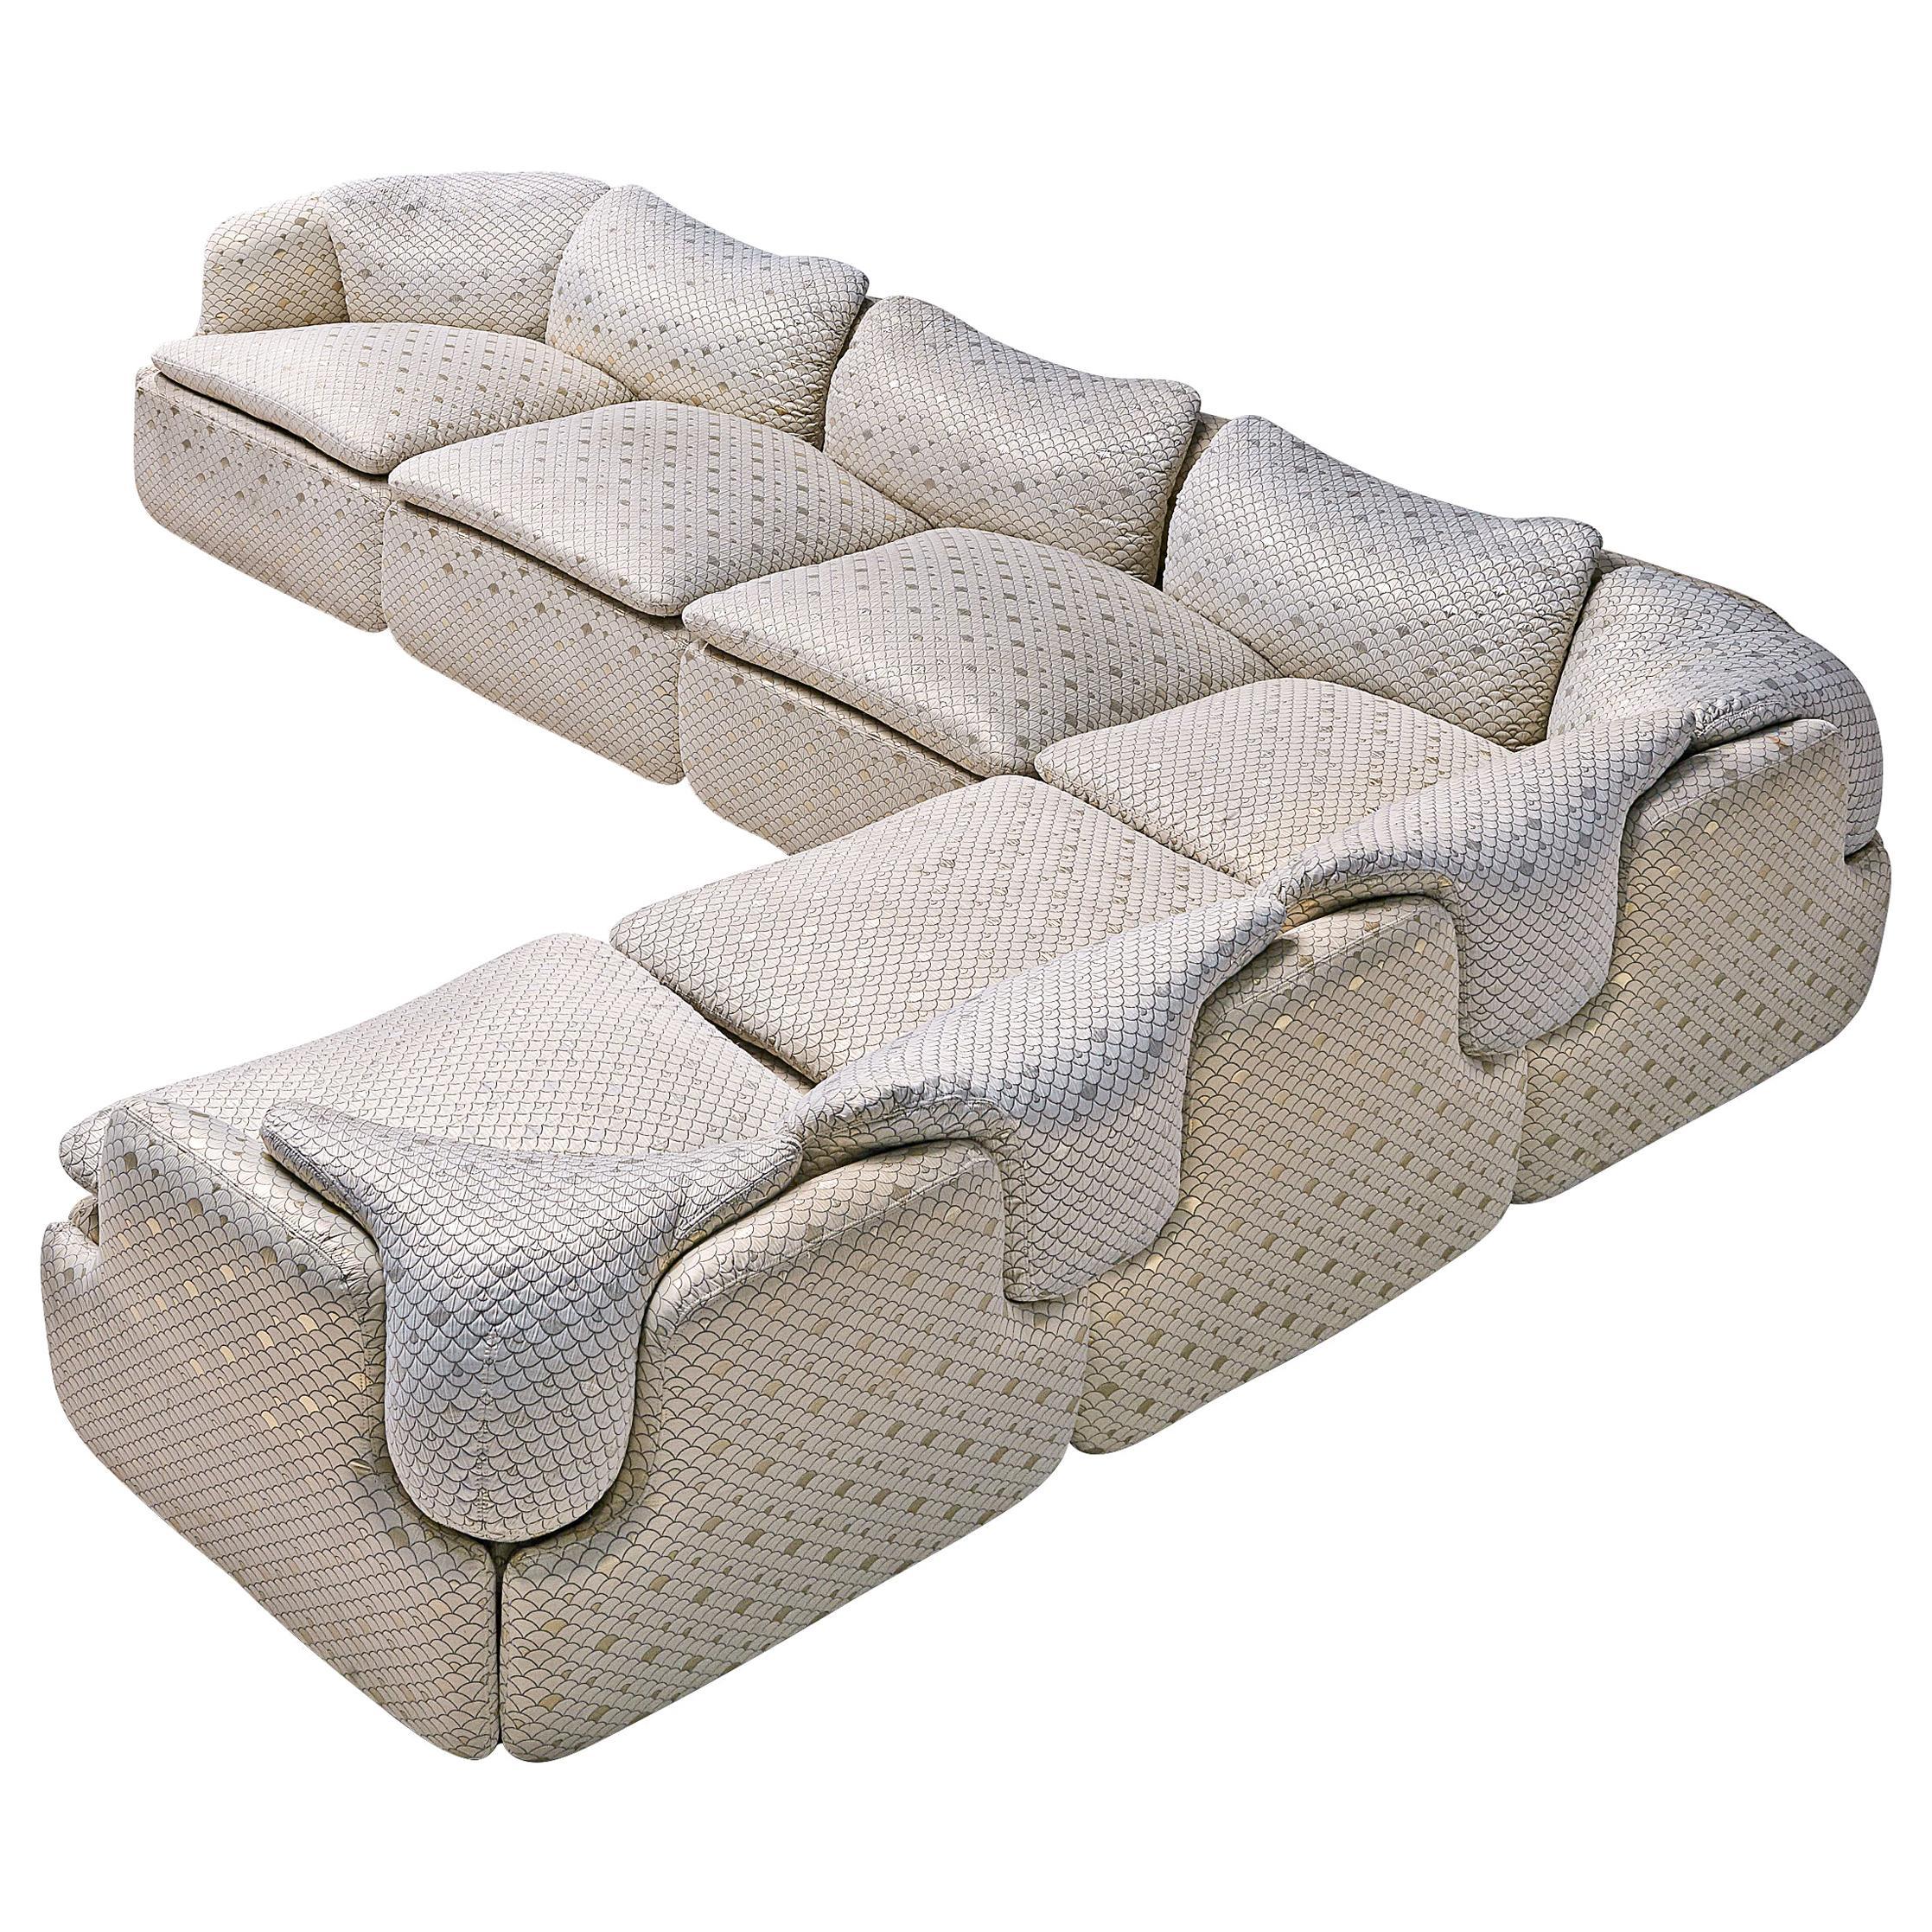 Alberto Rosselli for Saporiti 'Confidential' Corner Sofa